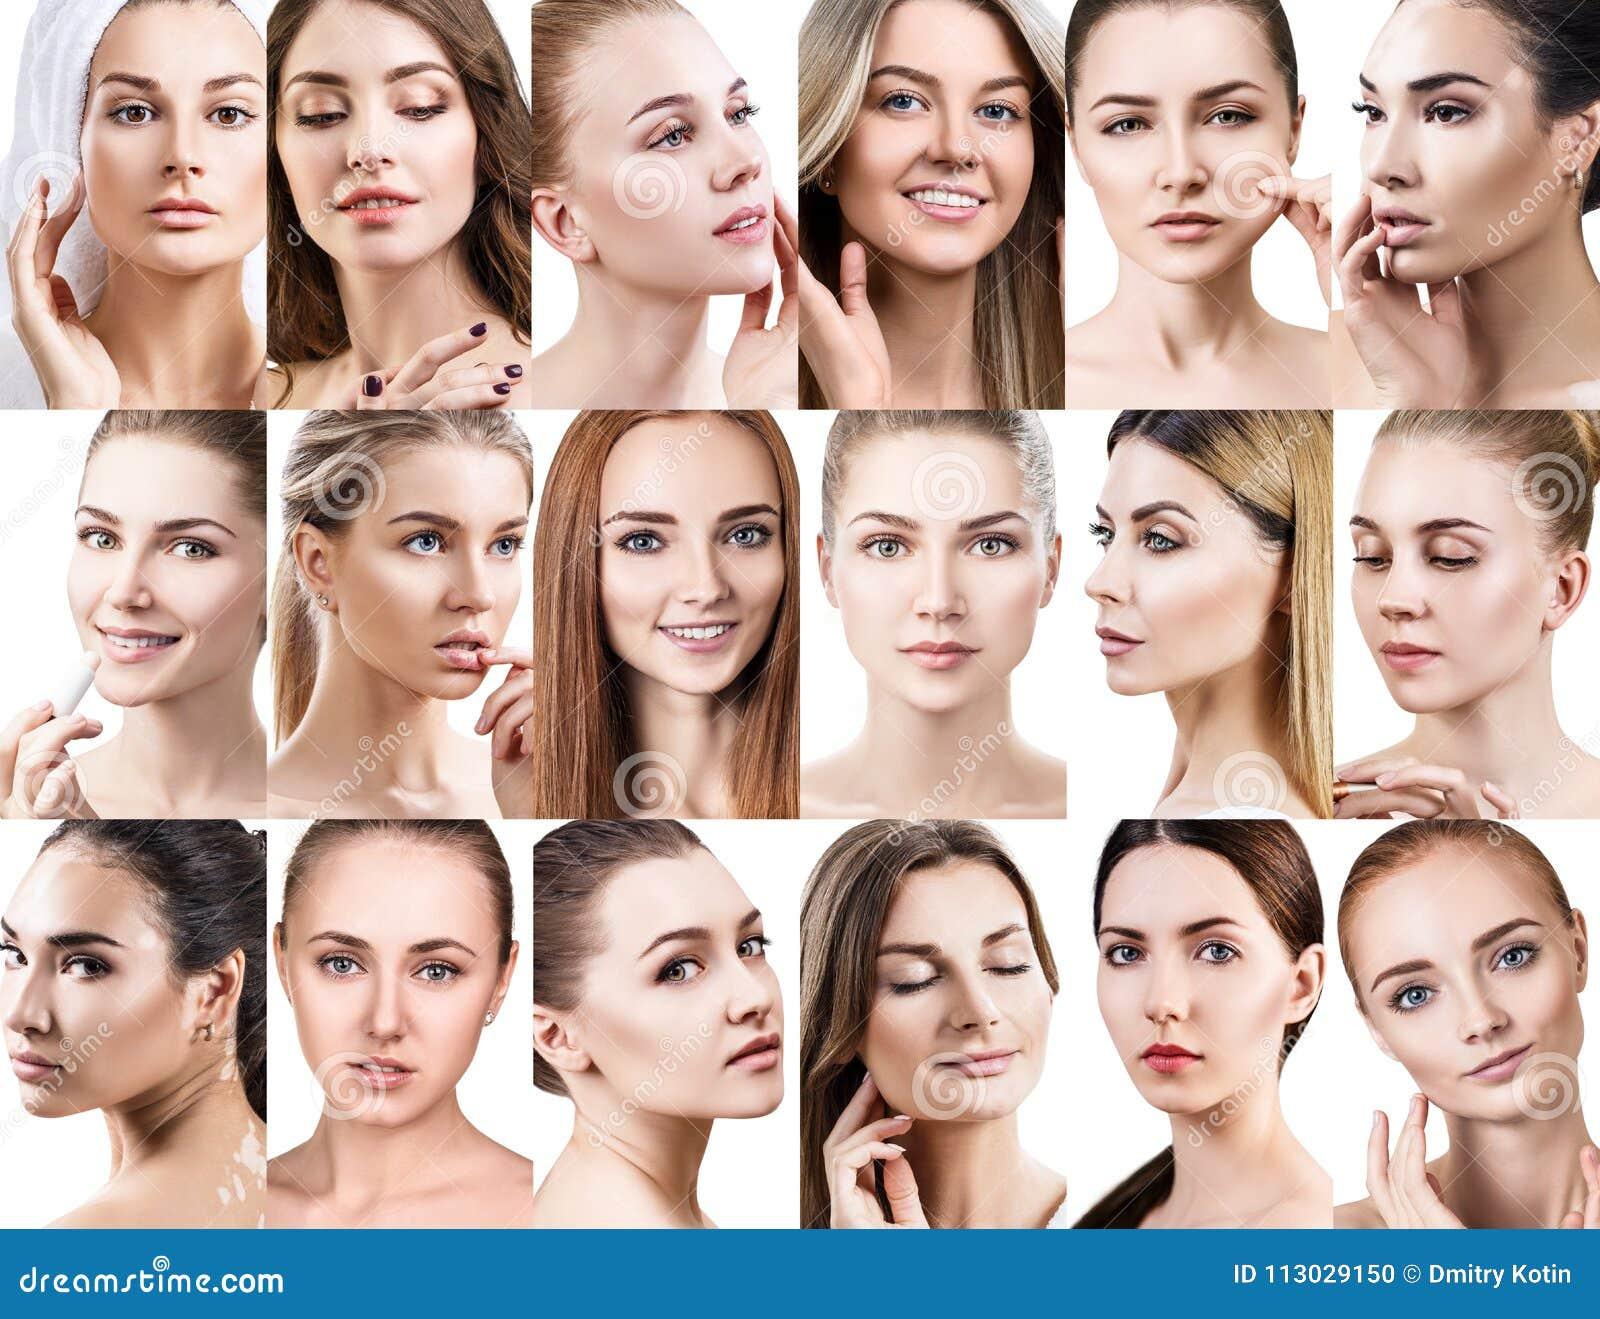 Collage grande de diversas mujeres hermosas